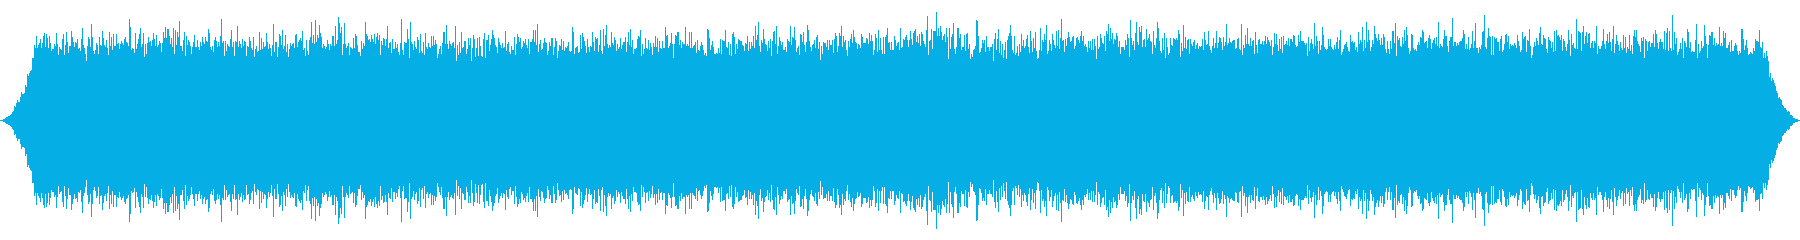 川:強力な流れとRo音、光の揺れの再生済みの波形